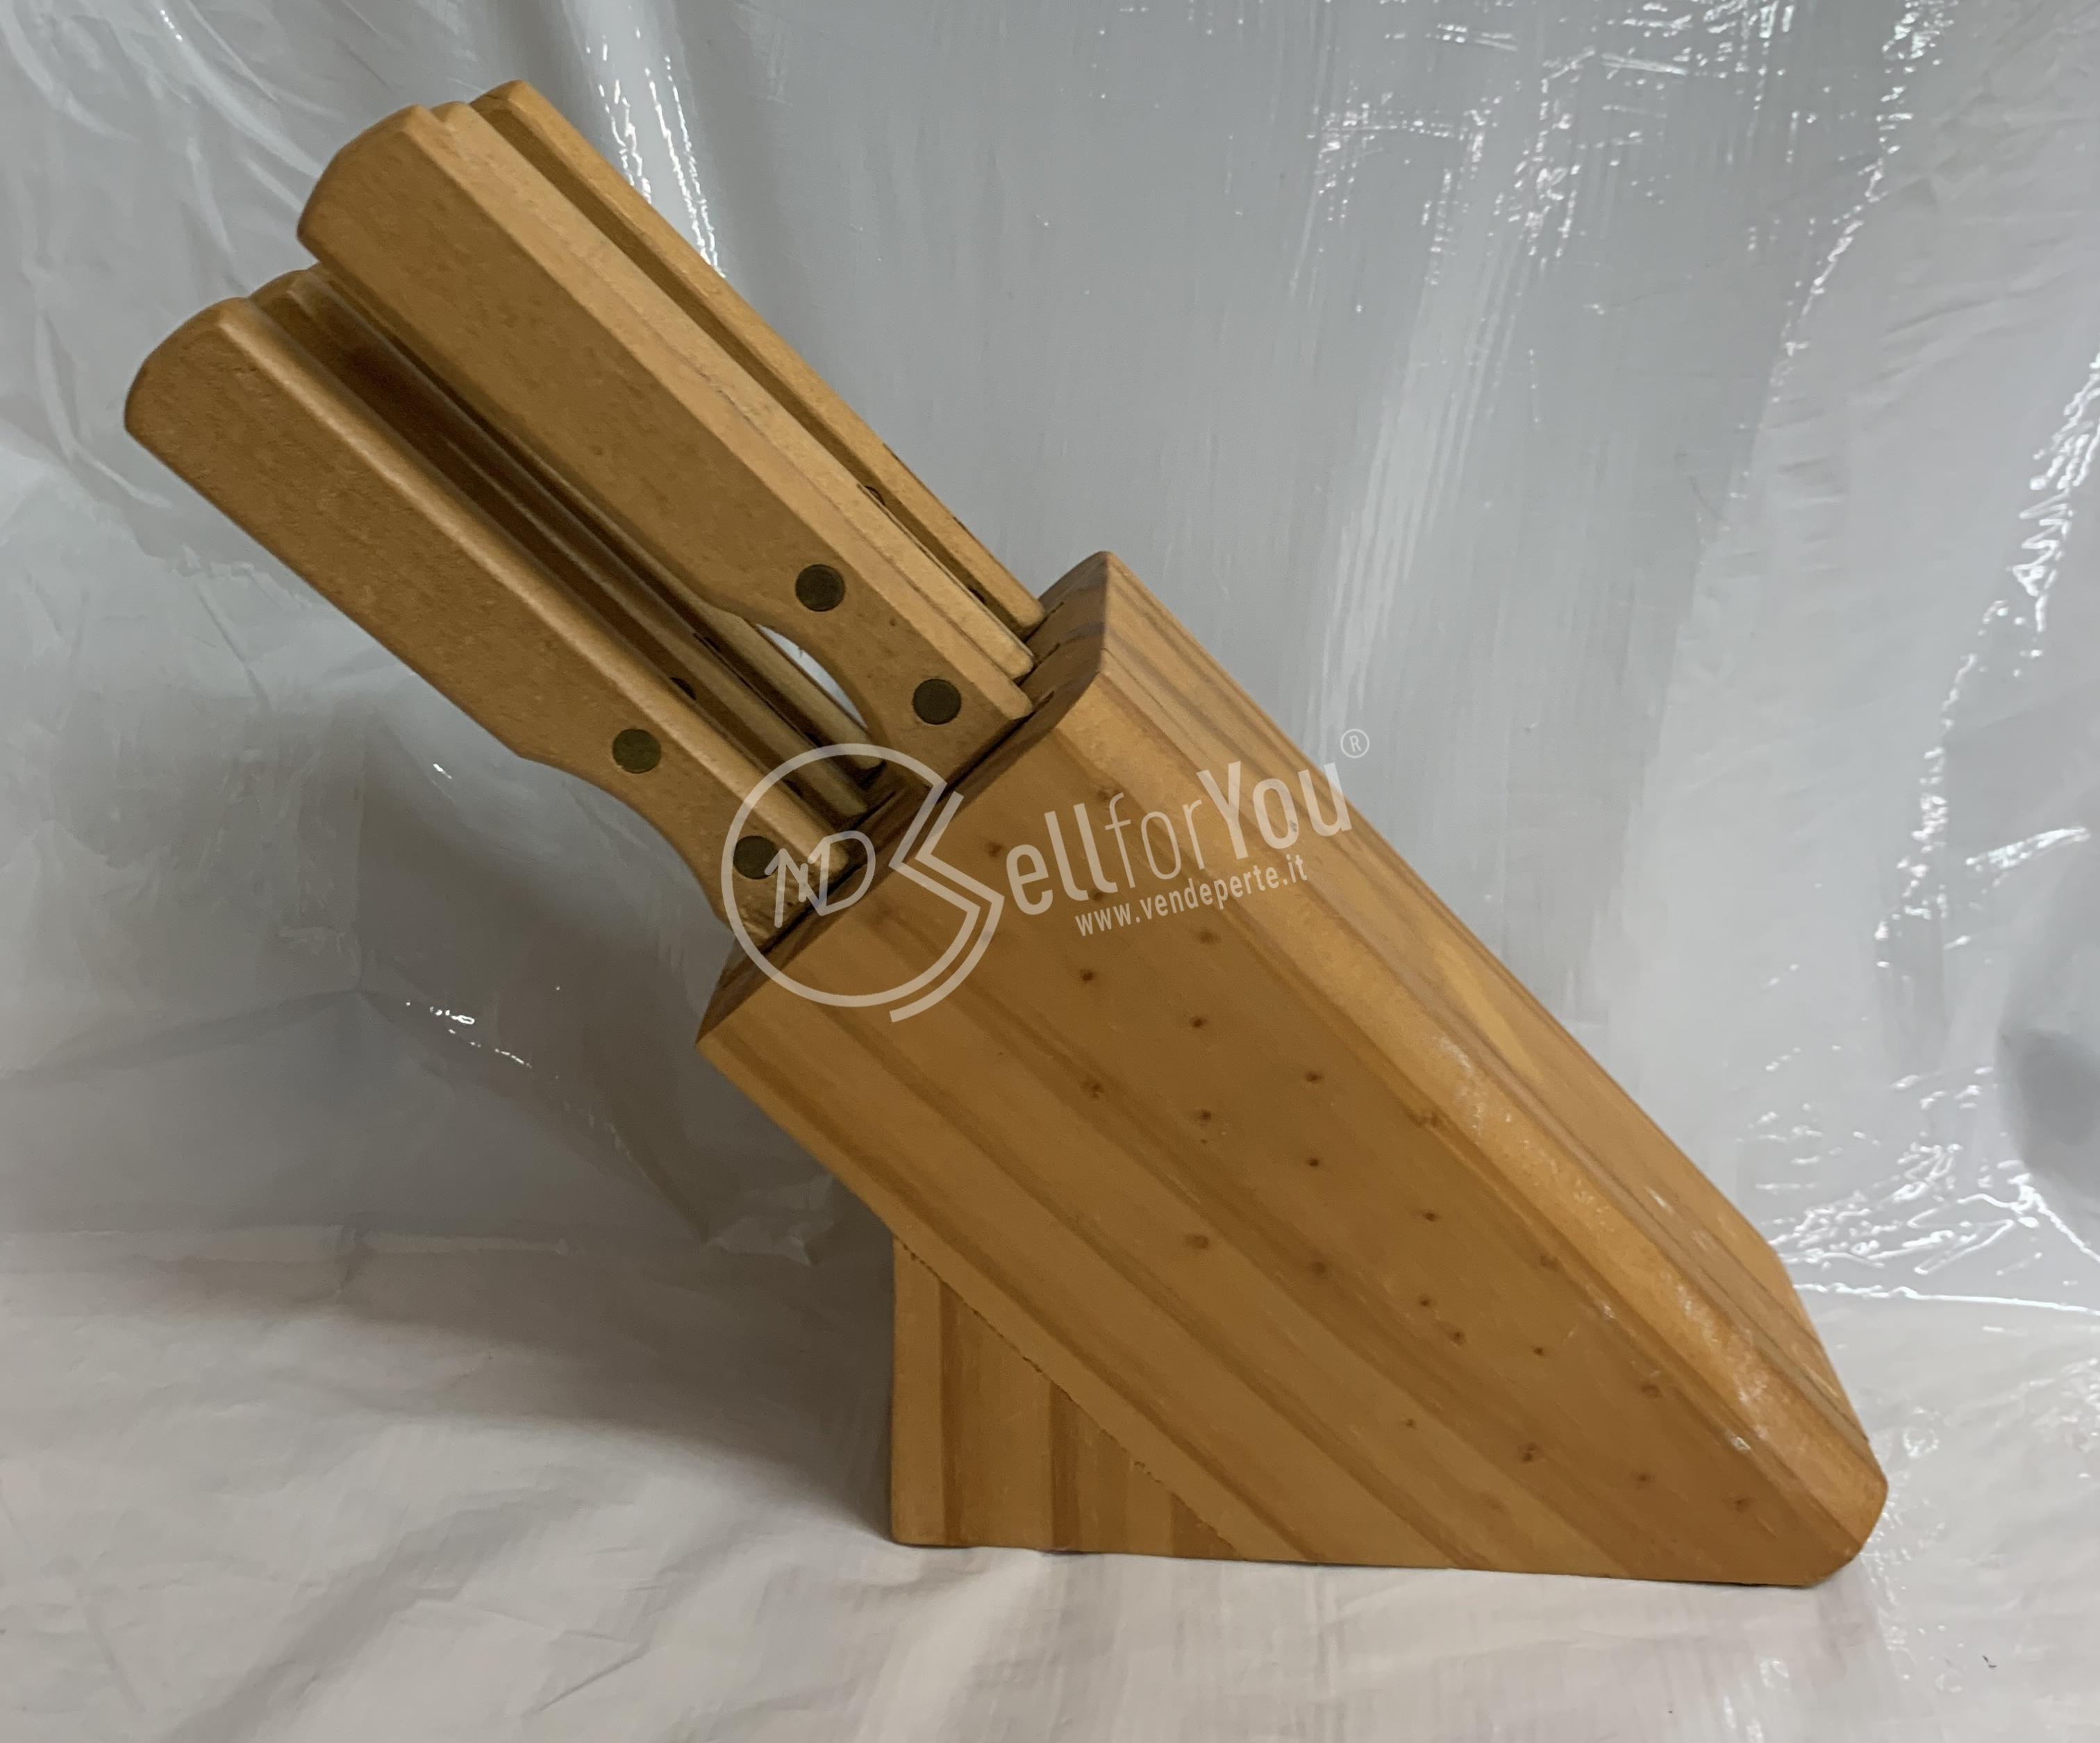 sellforyou immagine articolo Set 6 coltelli professionali con ceppo in legno